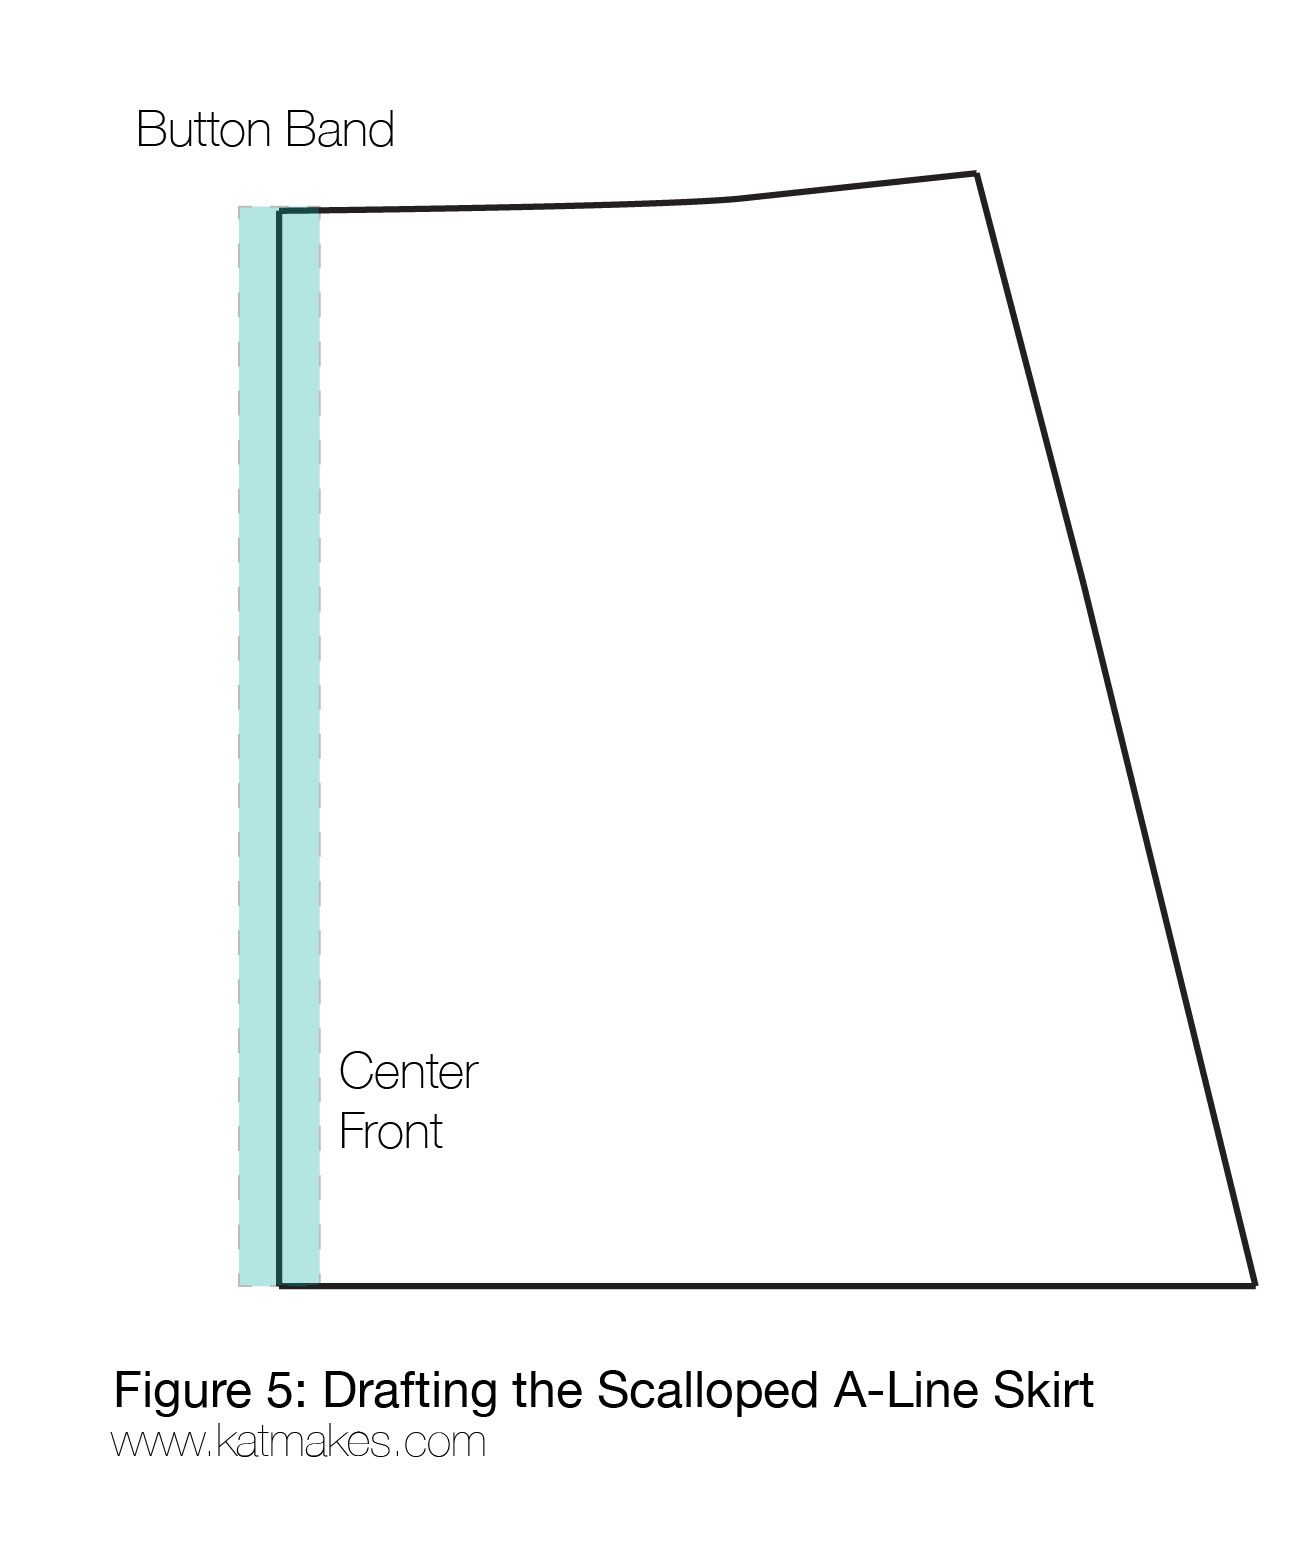 scalloped-skirt button band-01.jpg